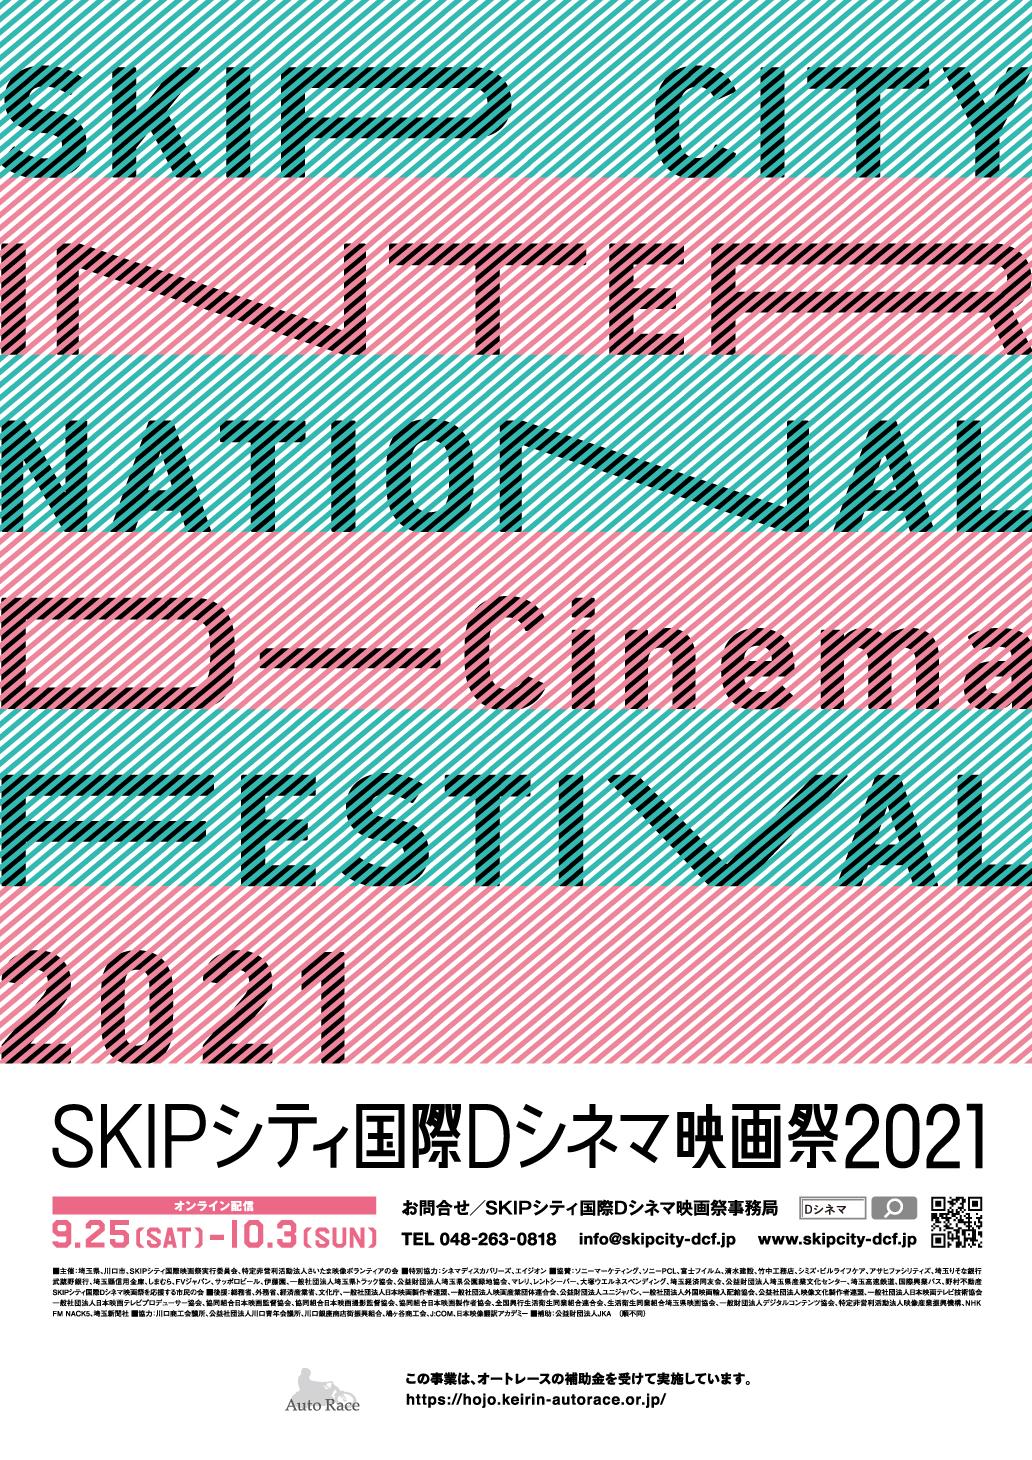 SKIPシティ国際Dシネマ映画祭2021ポスター